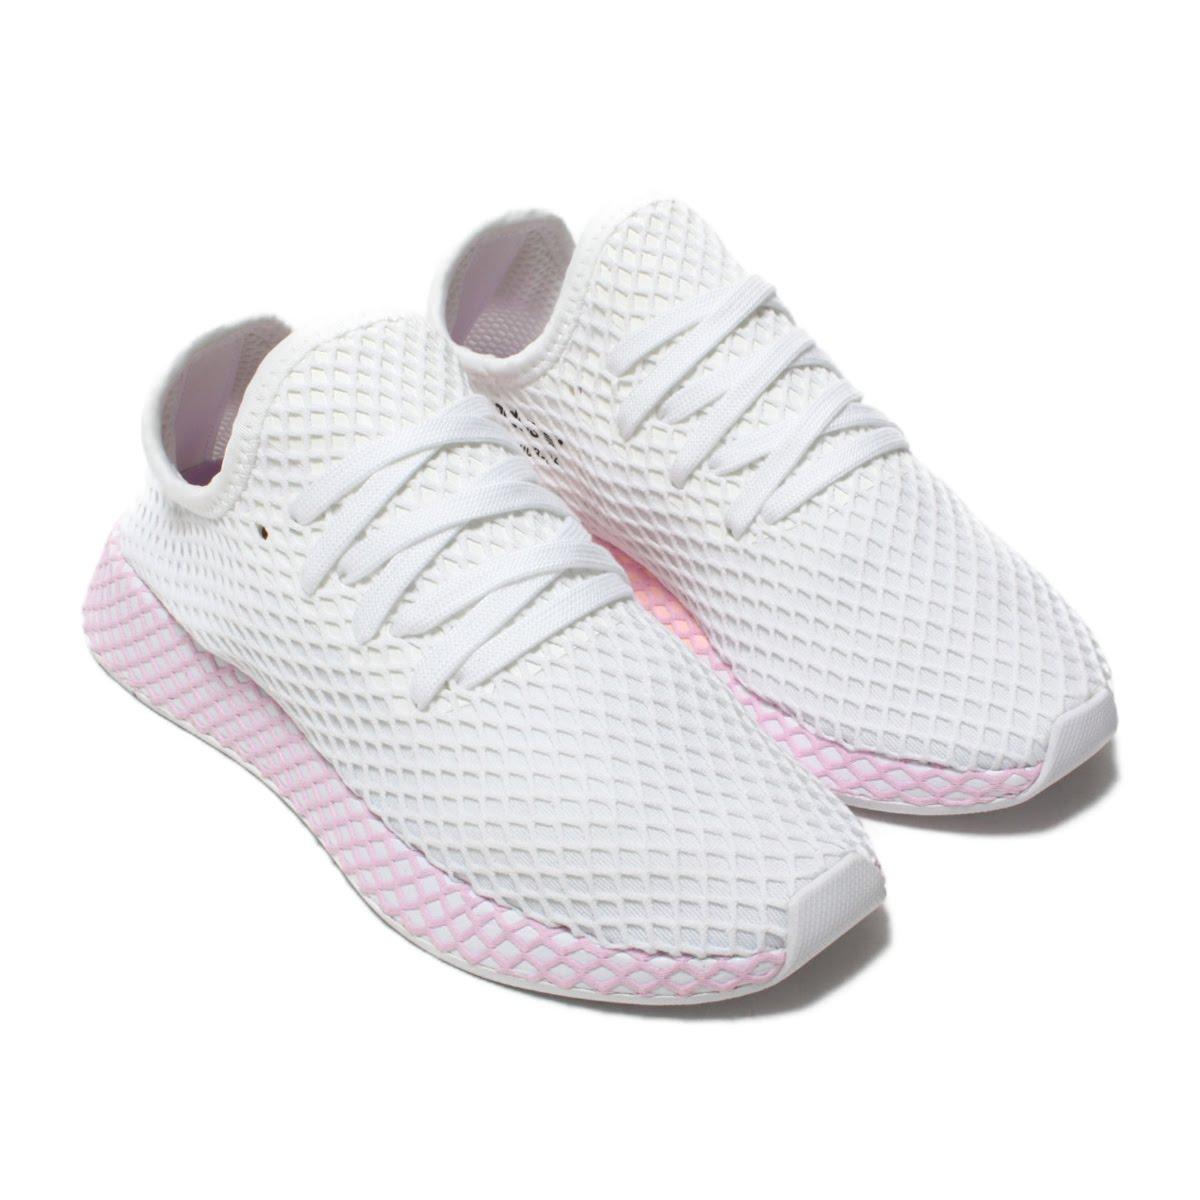 adidas Originals DEERUPT RUNNER W (????????????????????? W) RUNNING WHITERUNNING WHITECLEAR LILAC 18FA I